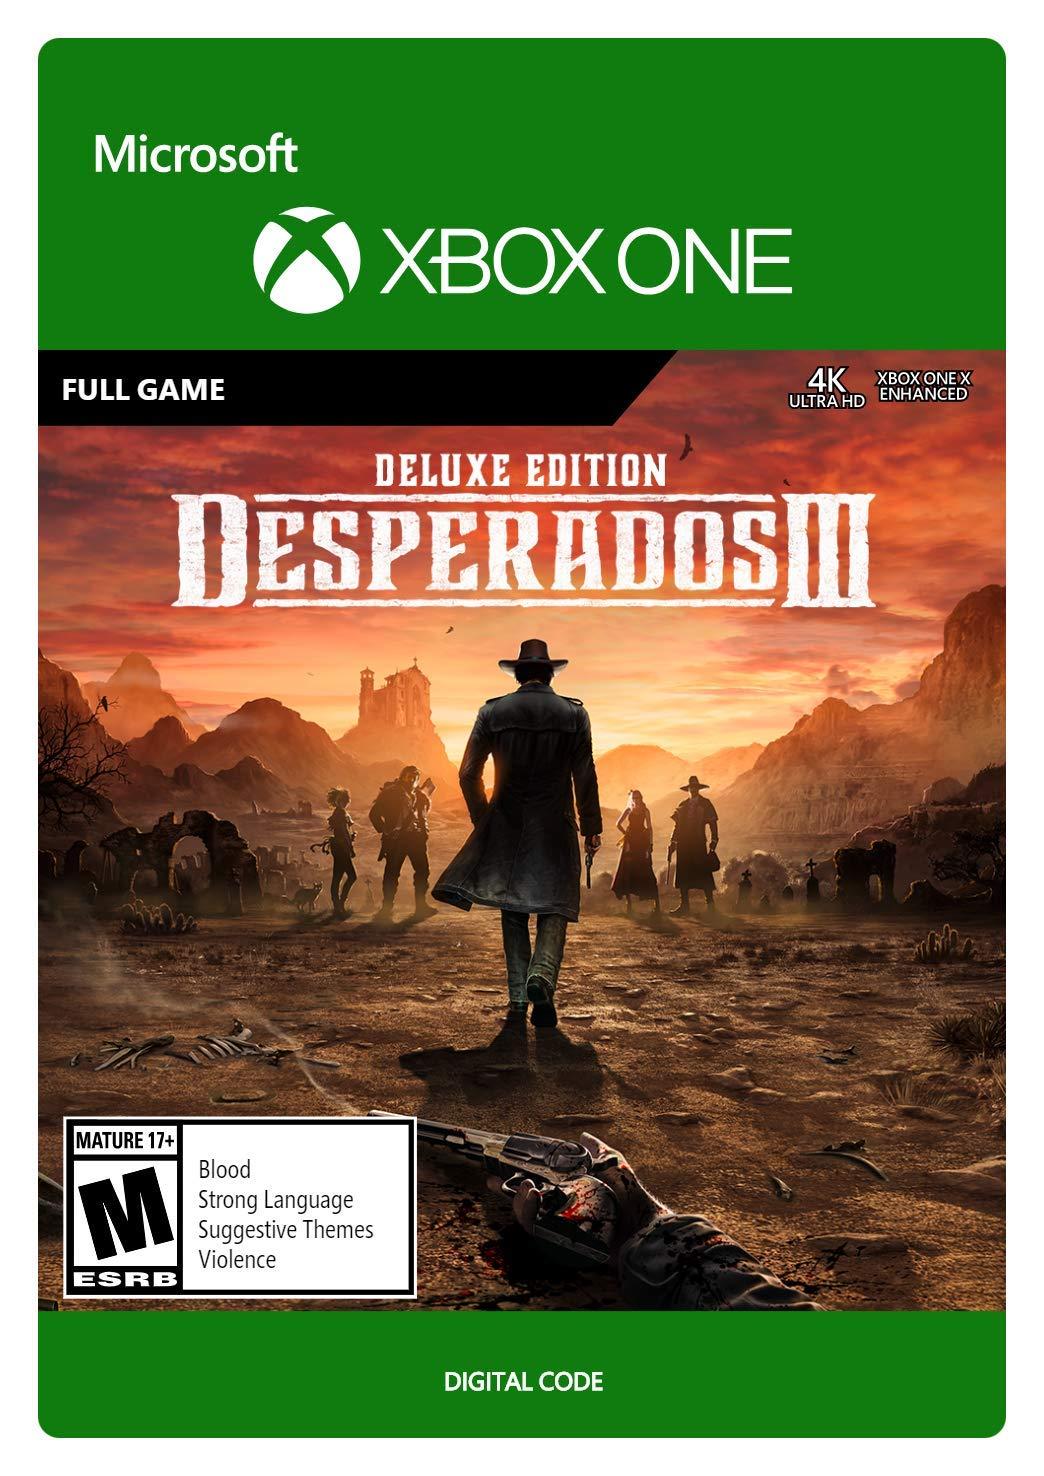 Desperados III Deluxe Edition - Xbox One [Digital Code]